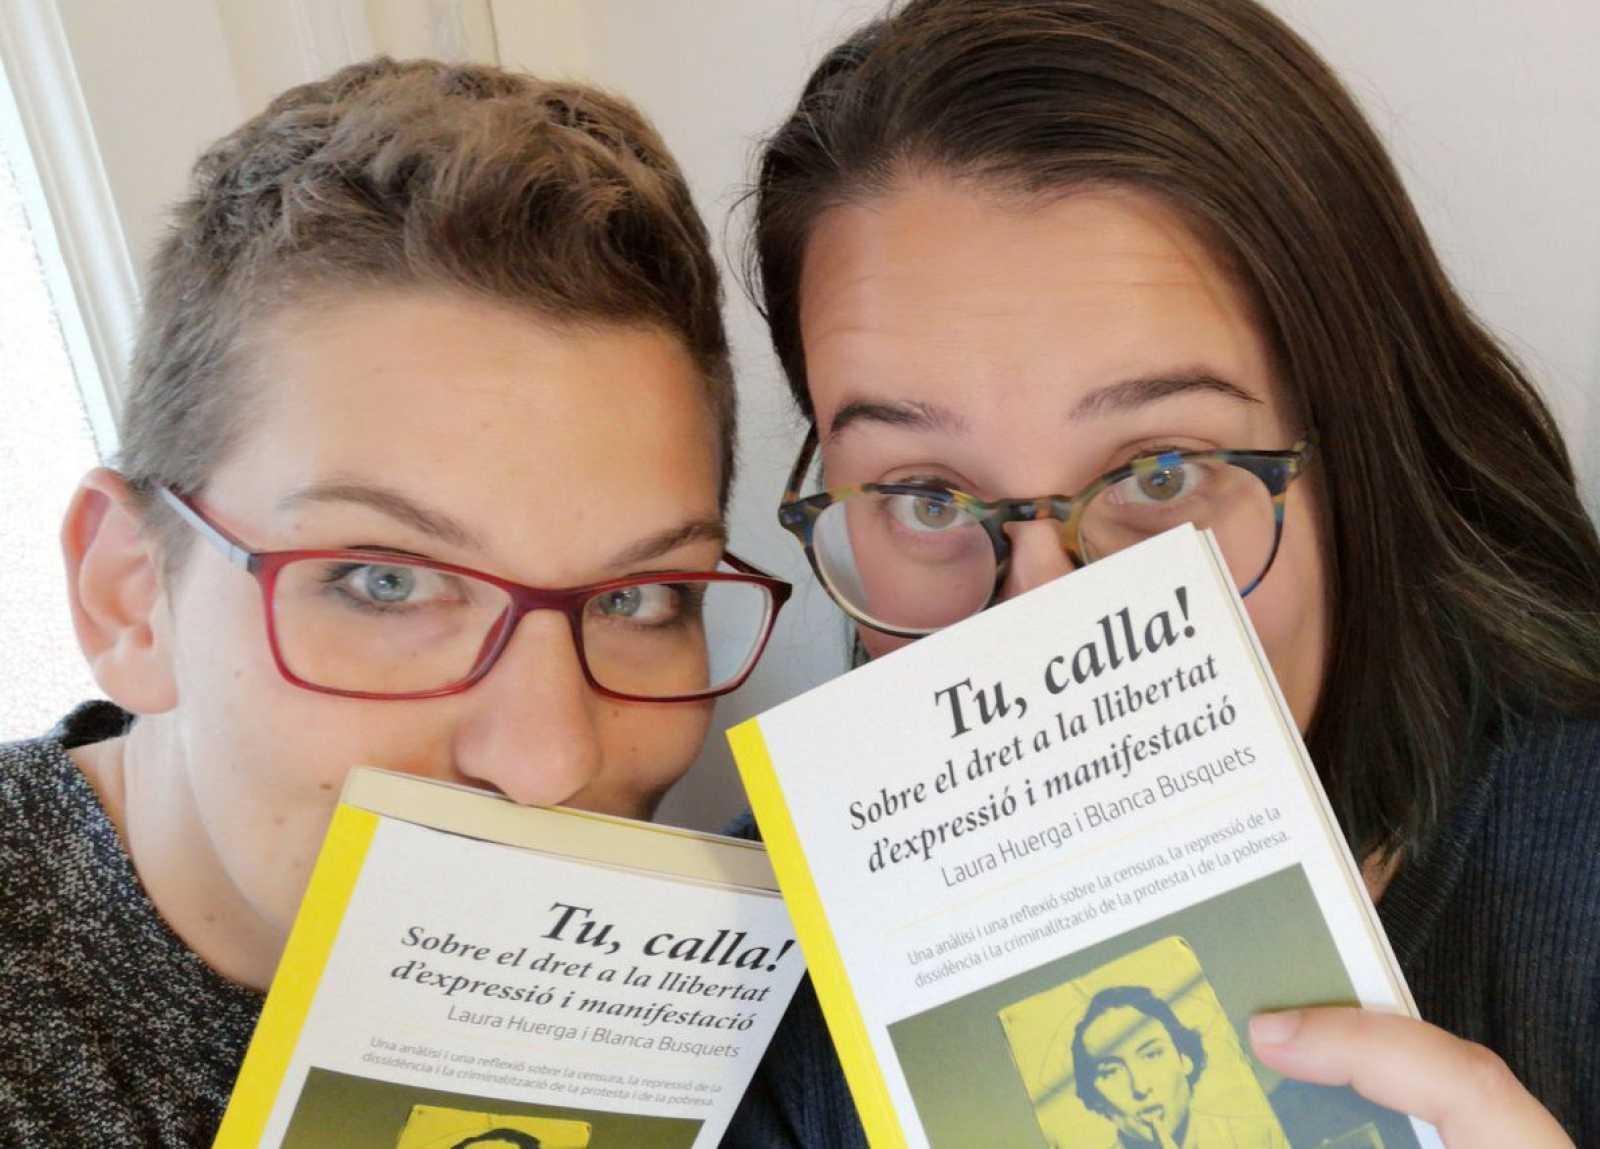 Llibres, píxels i valors - Tu, calla! Sobre el dret a la llibertat d'expressió i manifestació. Laura Huerga i Blanca Busquets